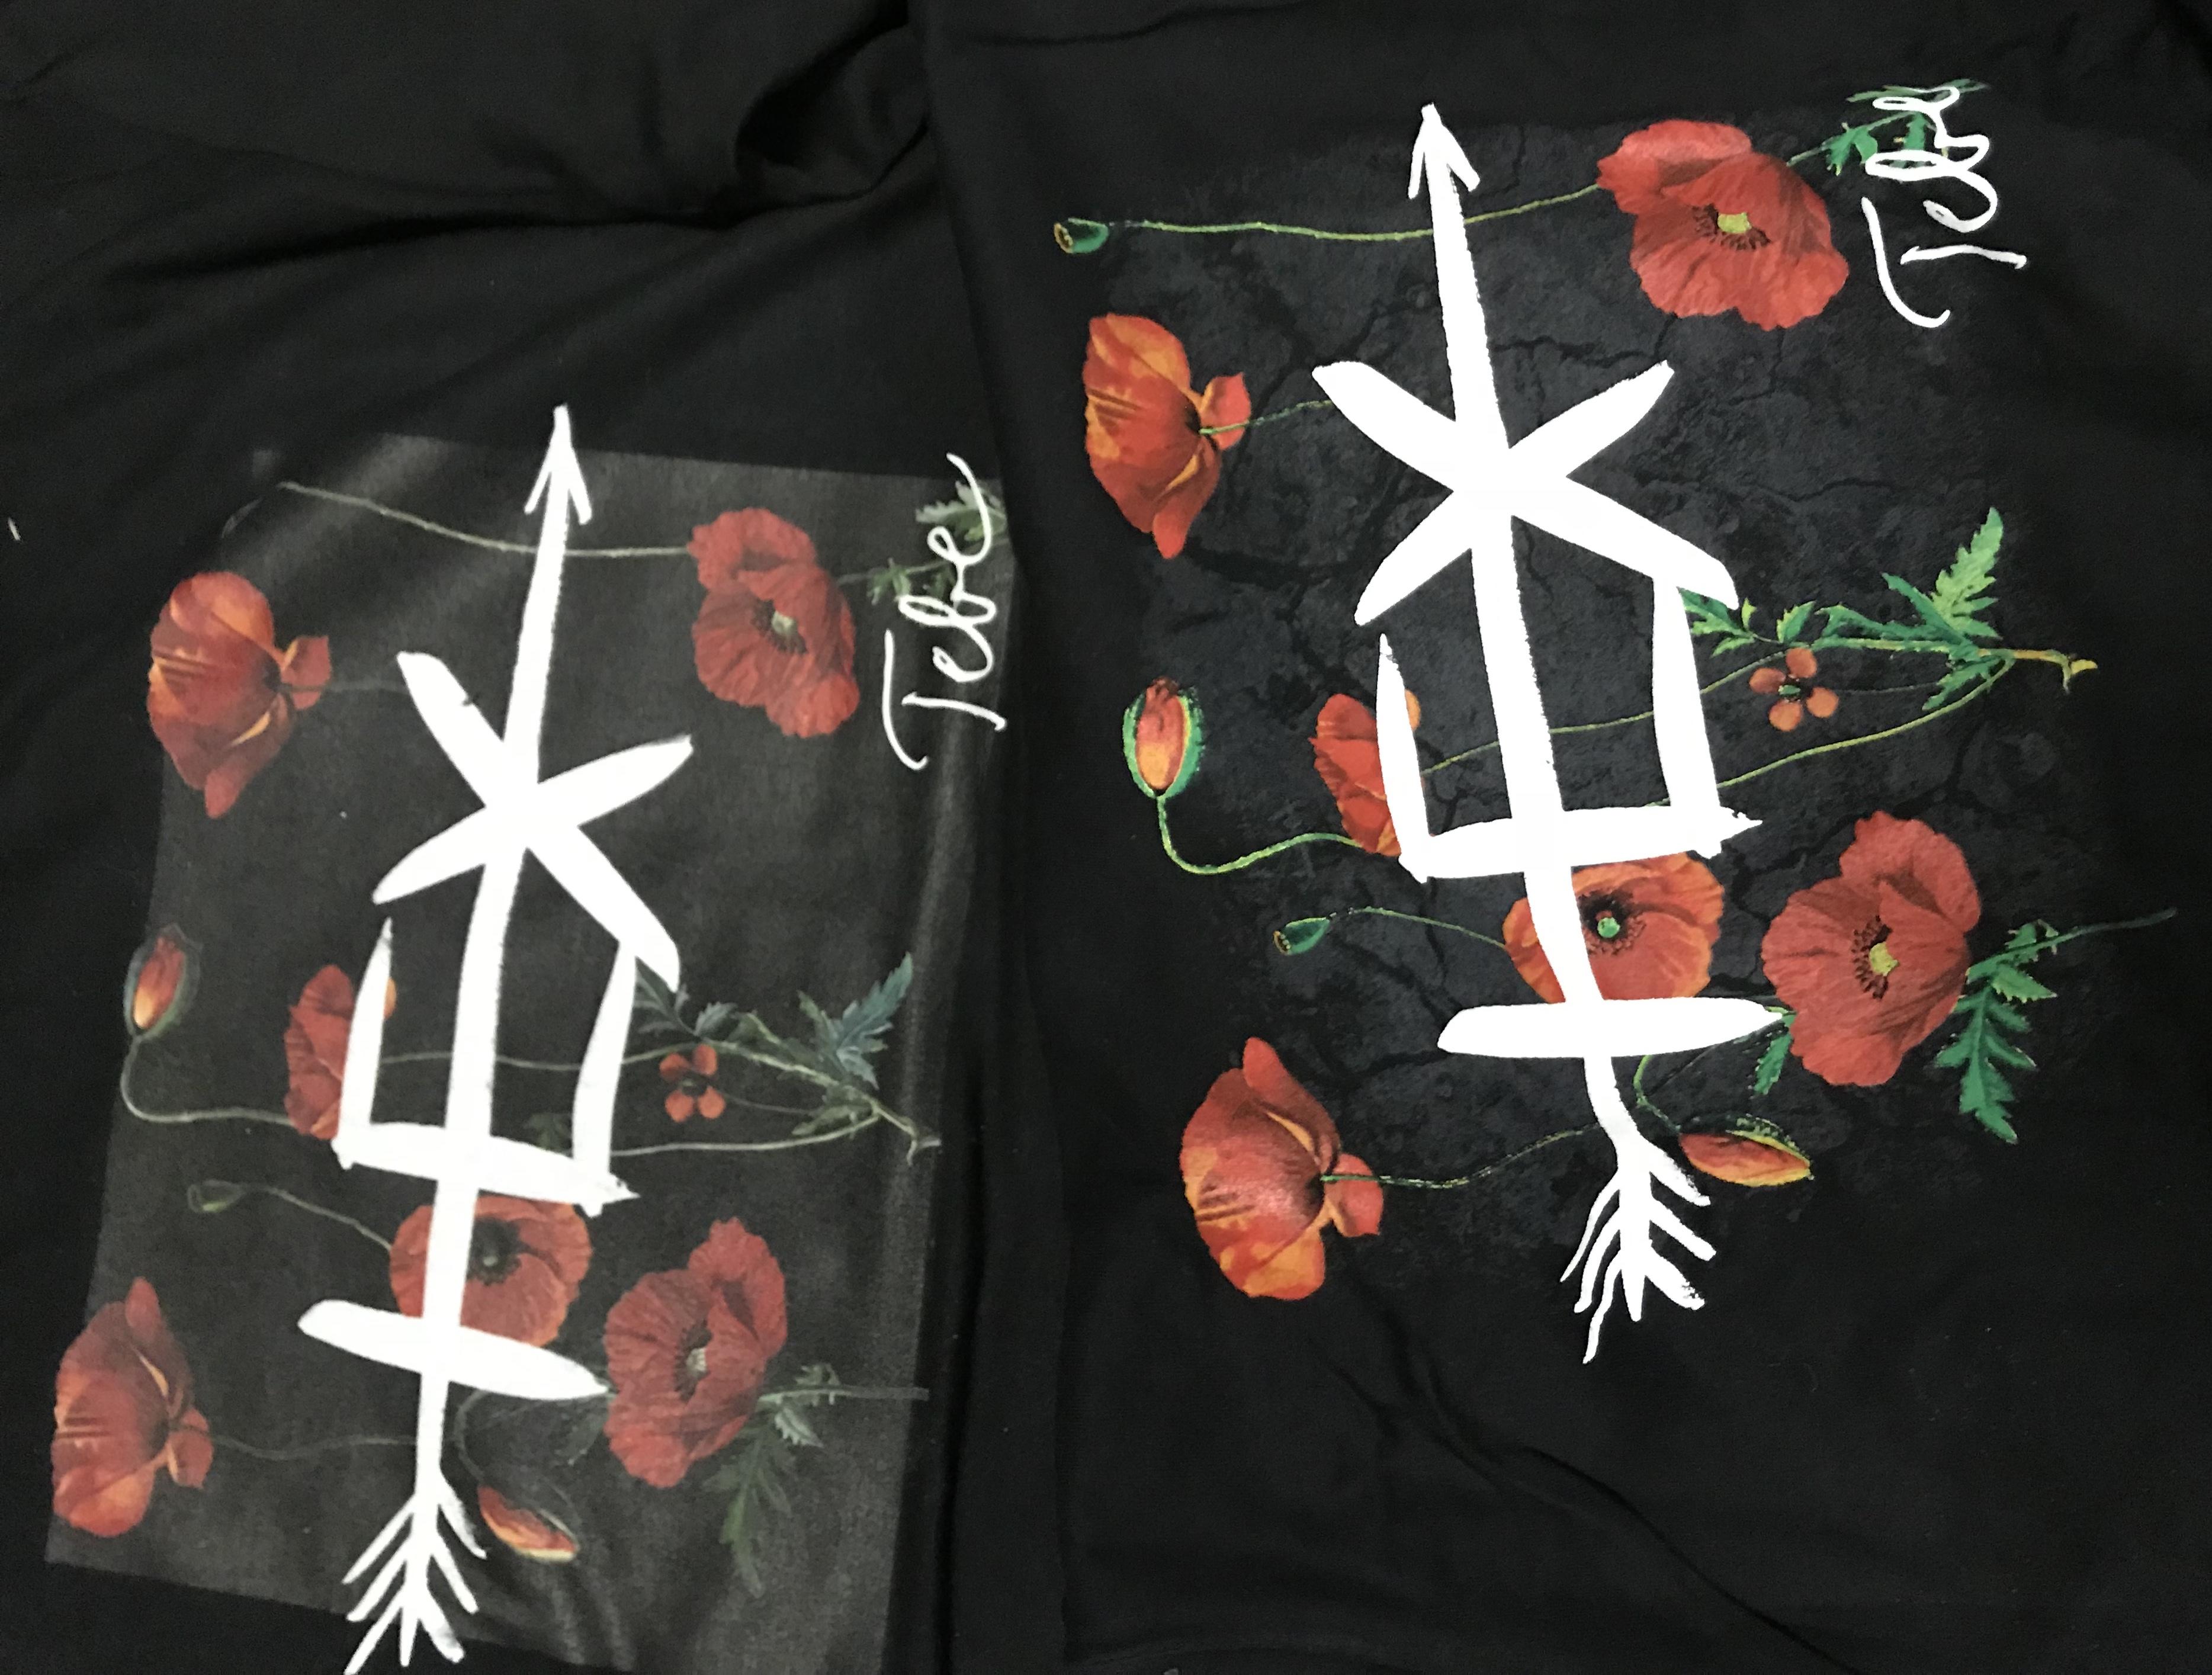 3fa69f5af Príklad potlače jedného designu digitálnou potlačou (vľavo) vs. sieťotlačou  (vpravo) na tmavom textile.